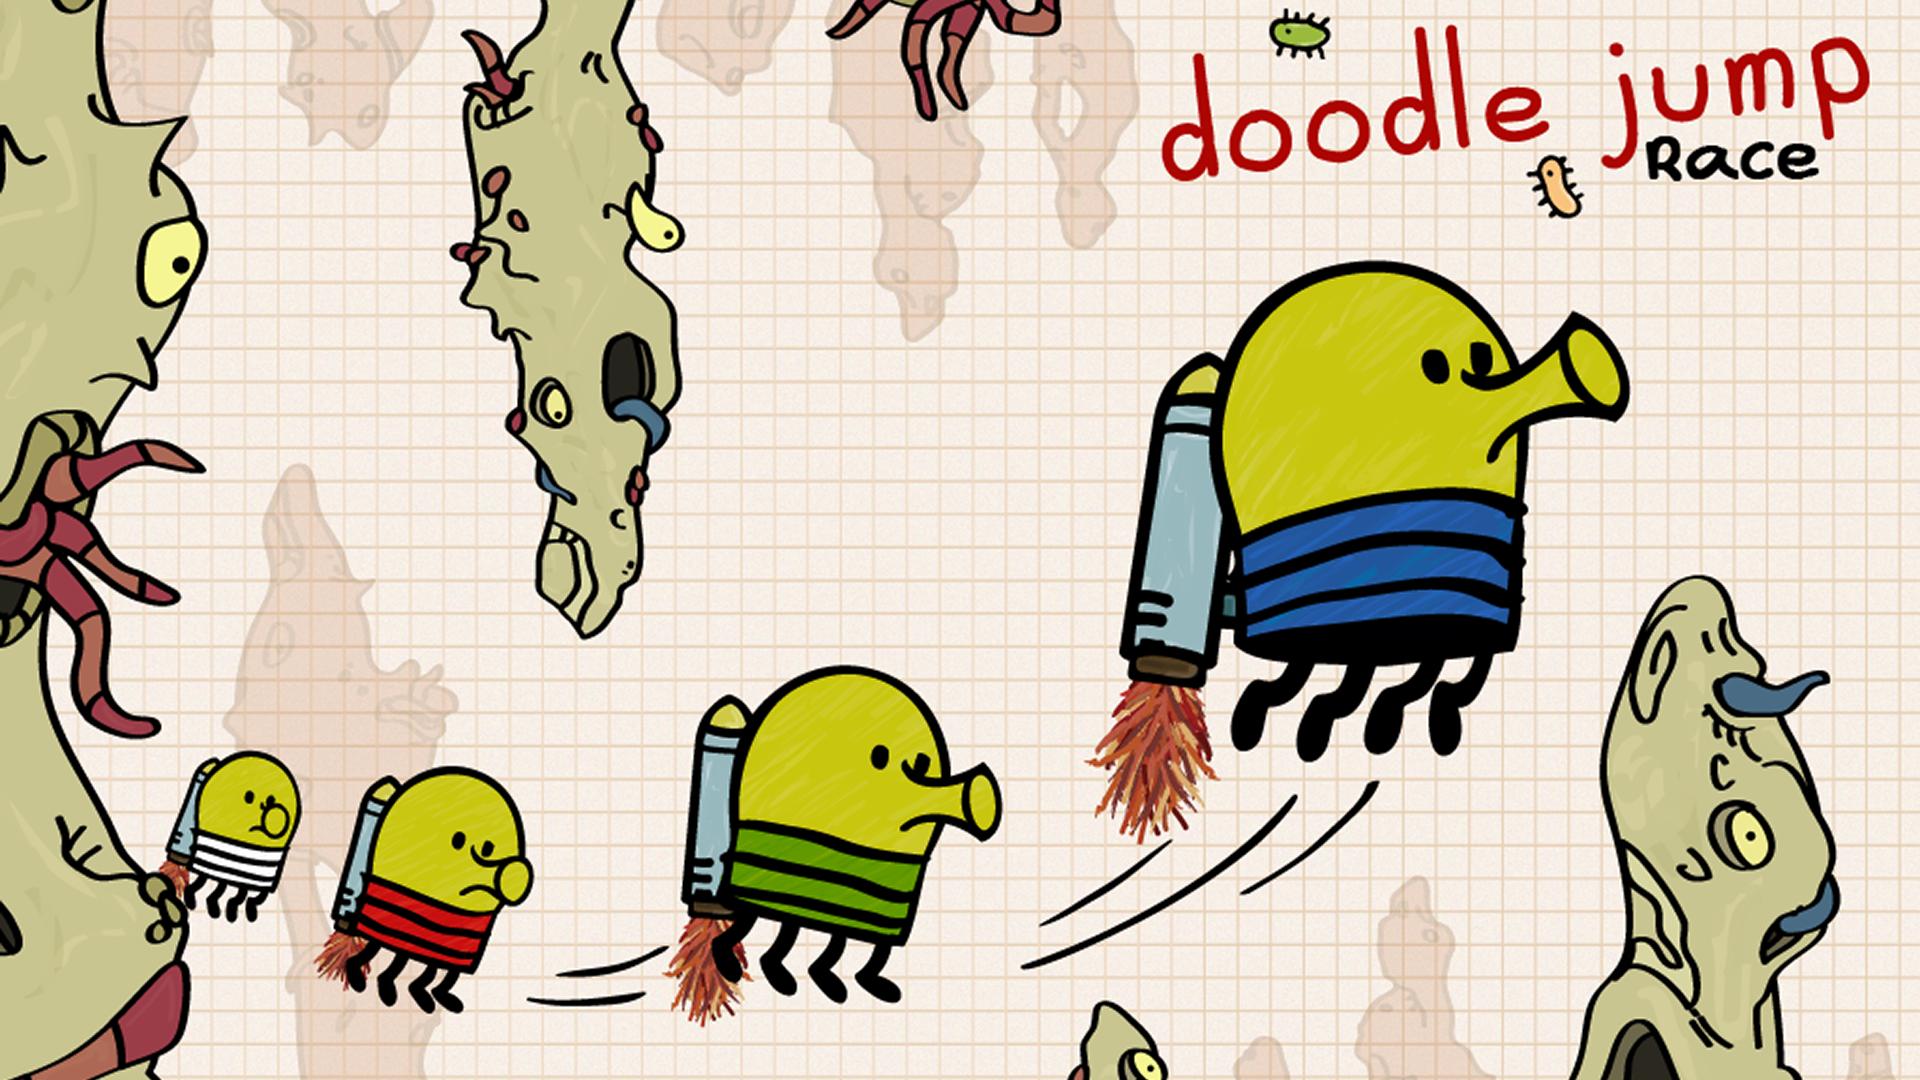 Doodle Jump Race screenshot 9